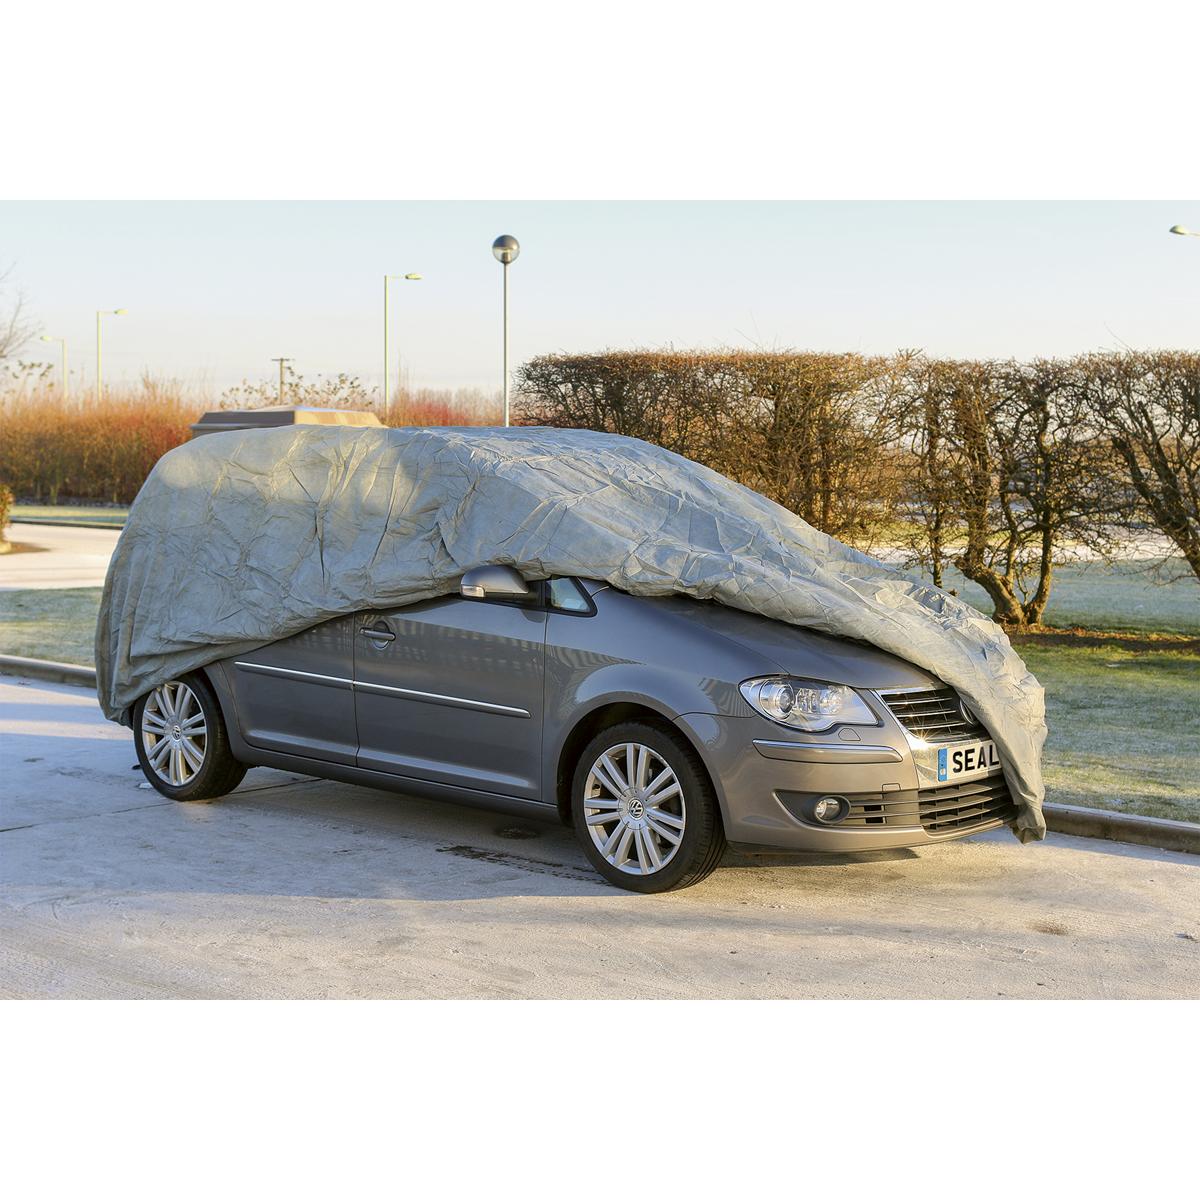 All Seasons Car Cover 3-Layer - Medium